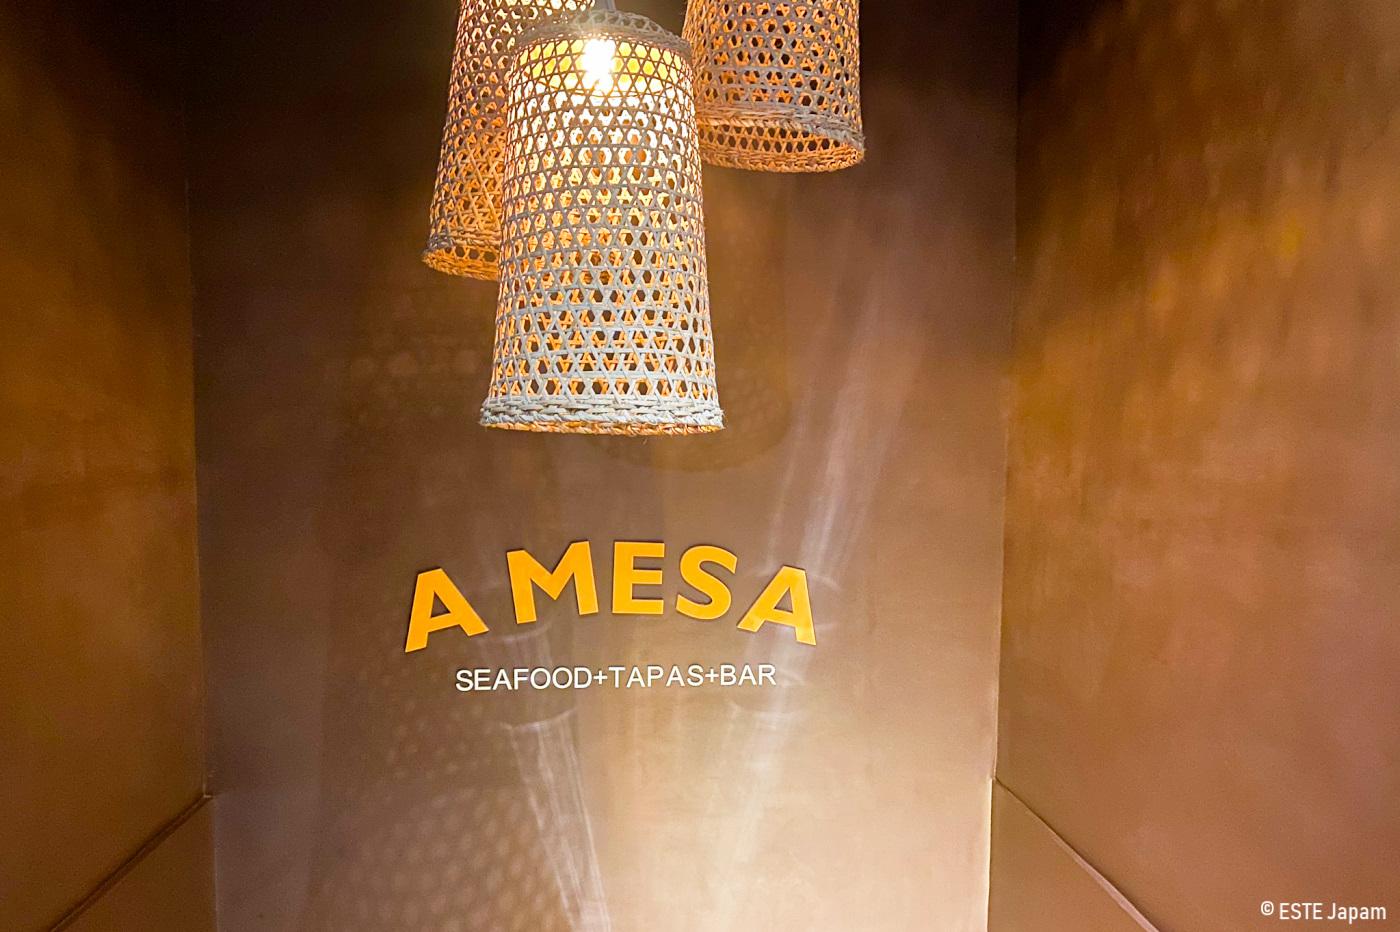 アメサのロゴ